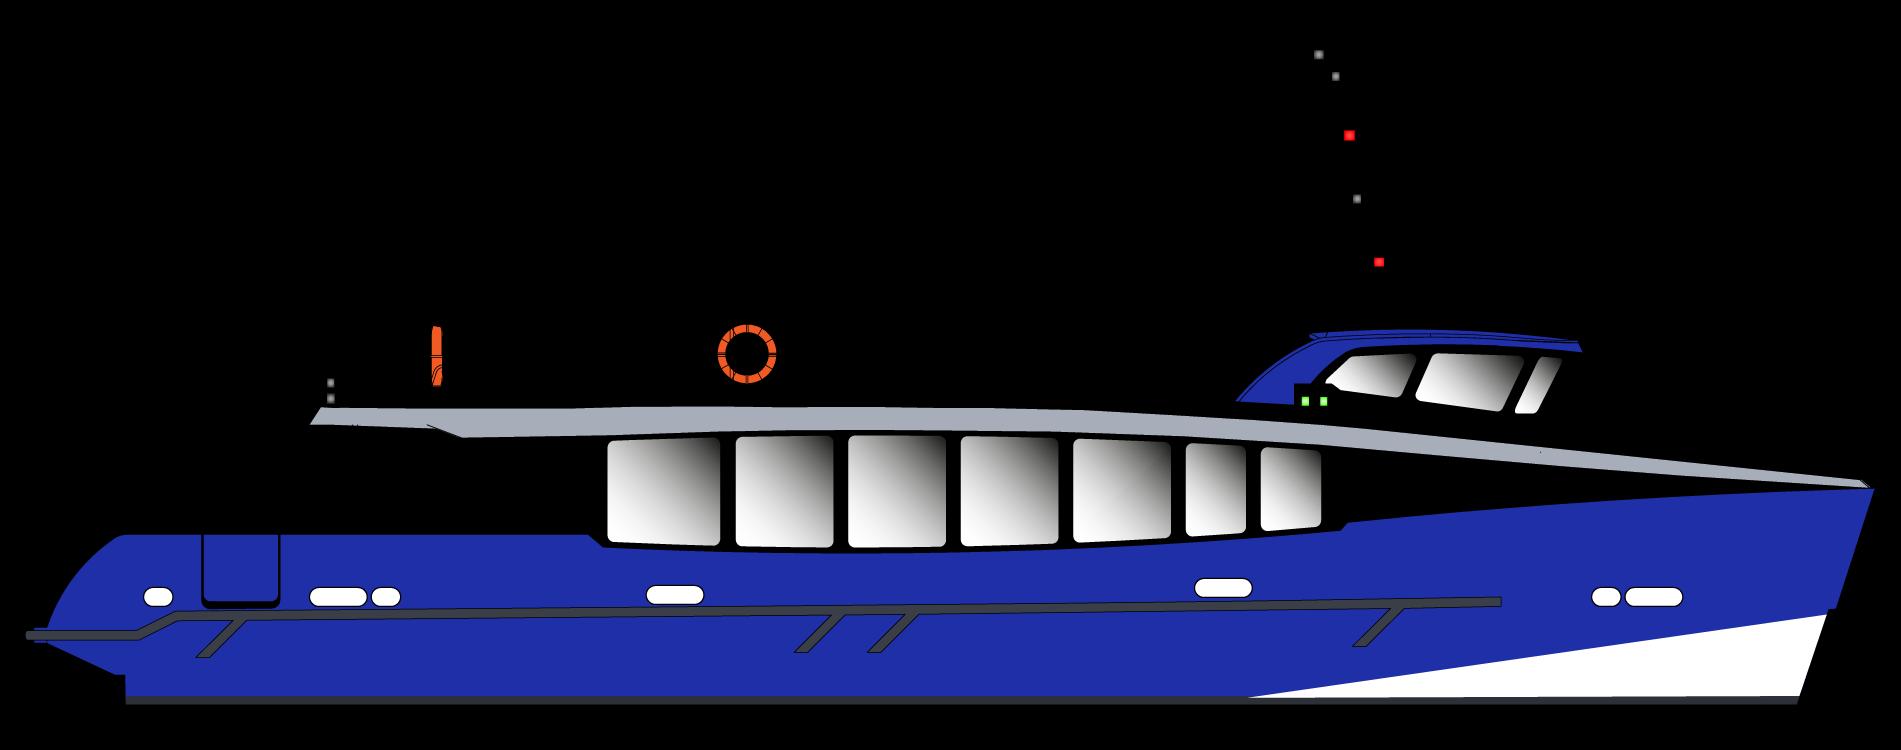 Vedette Passagers 20m 164 places - vue profil